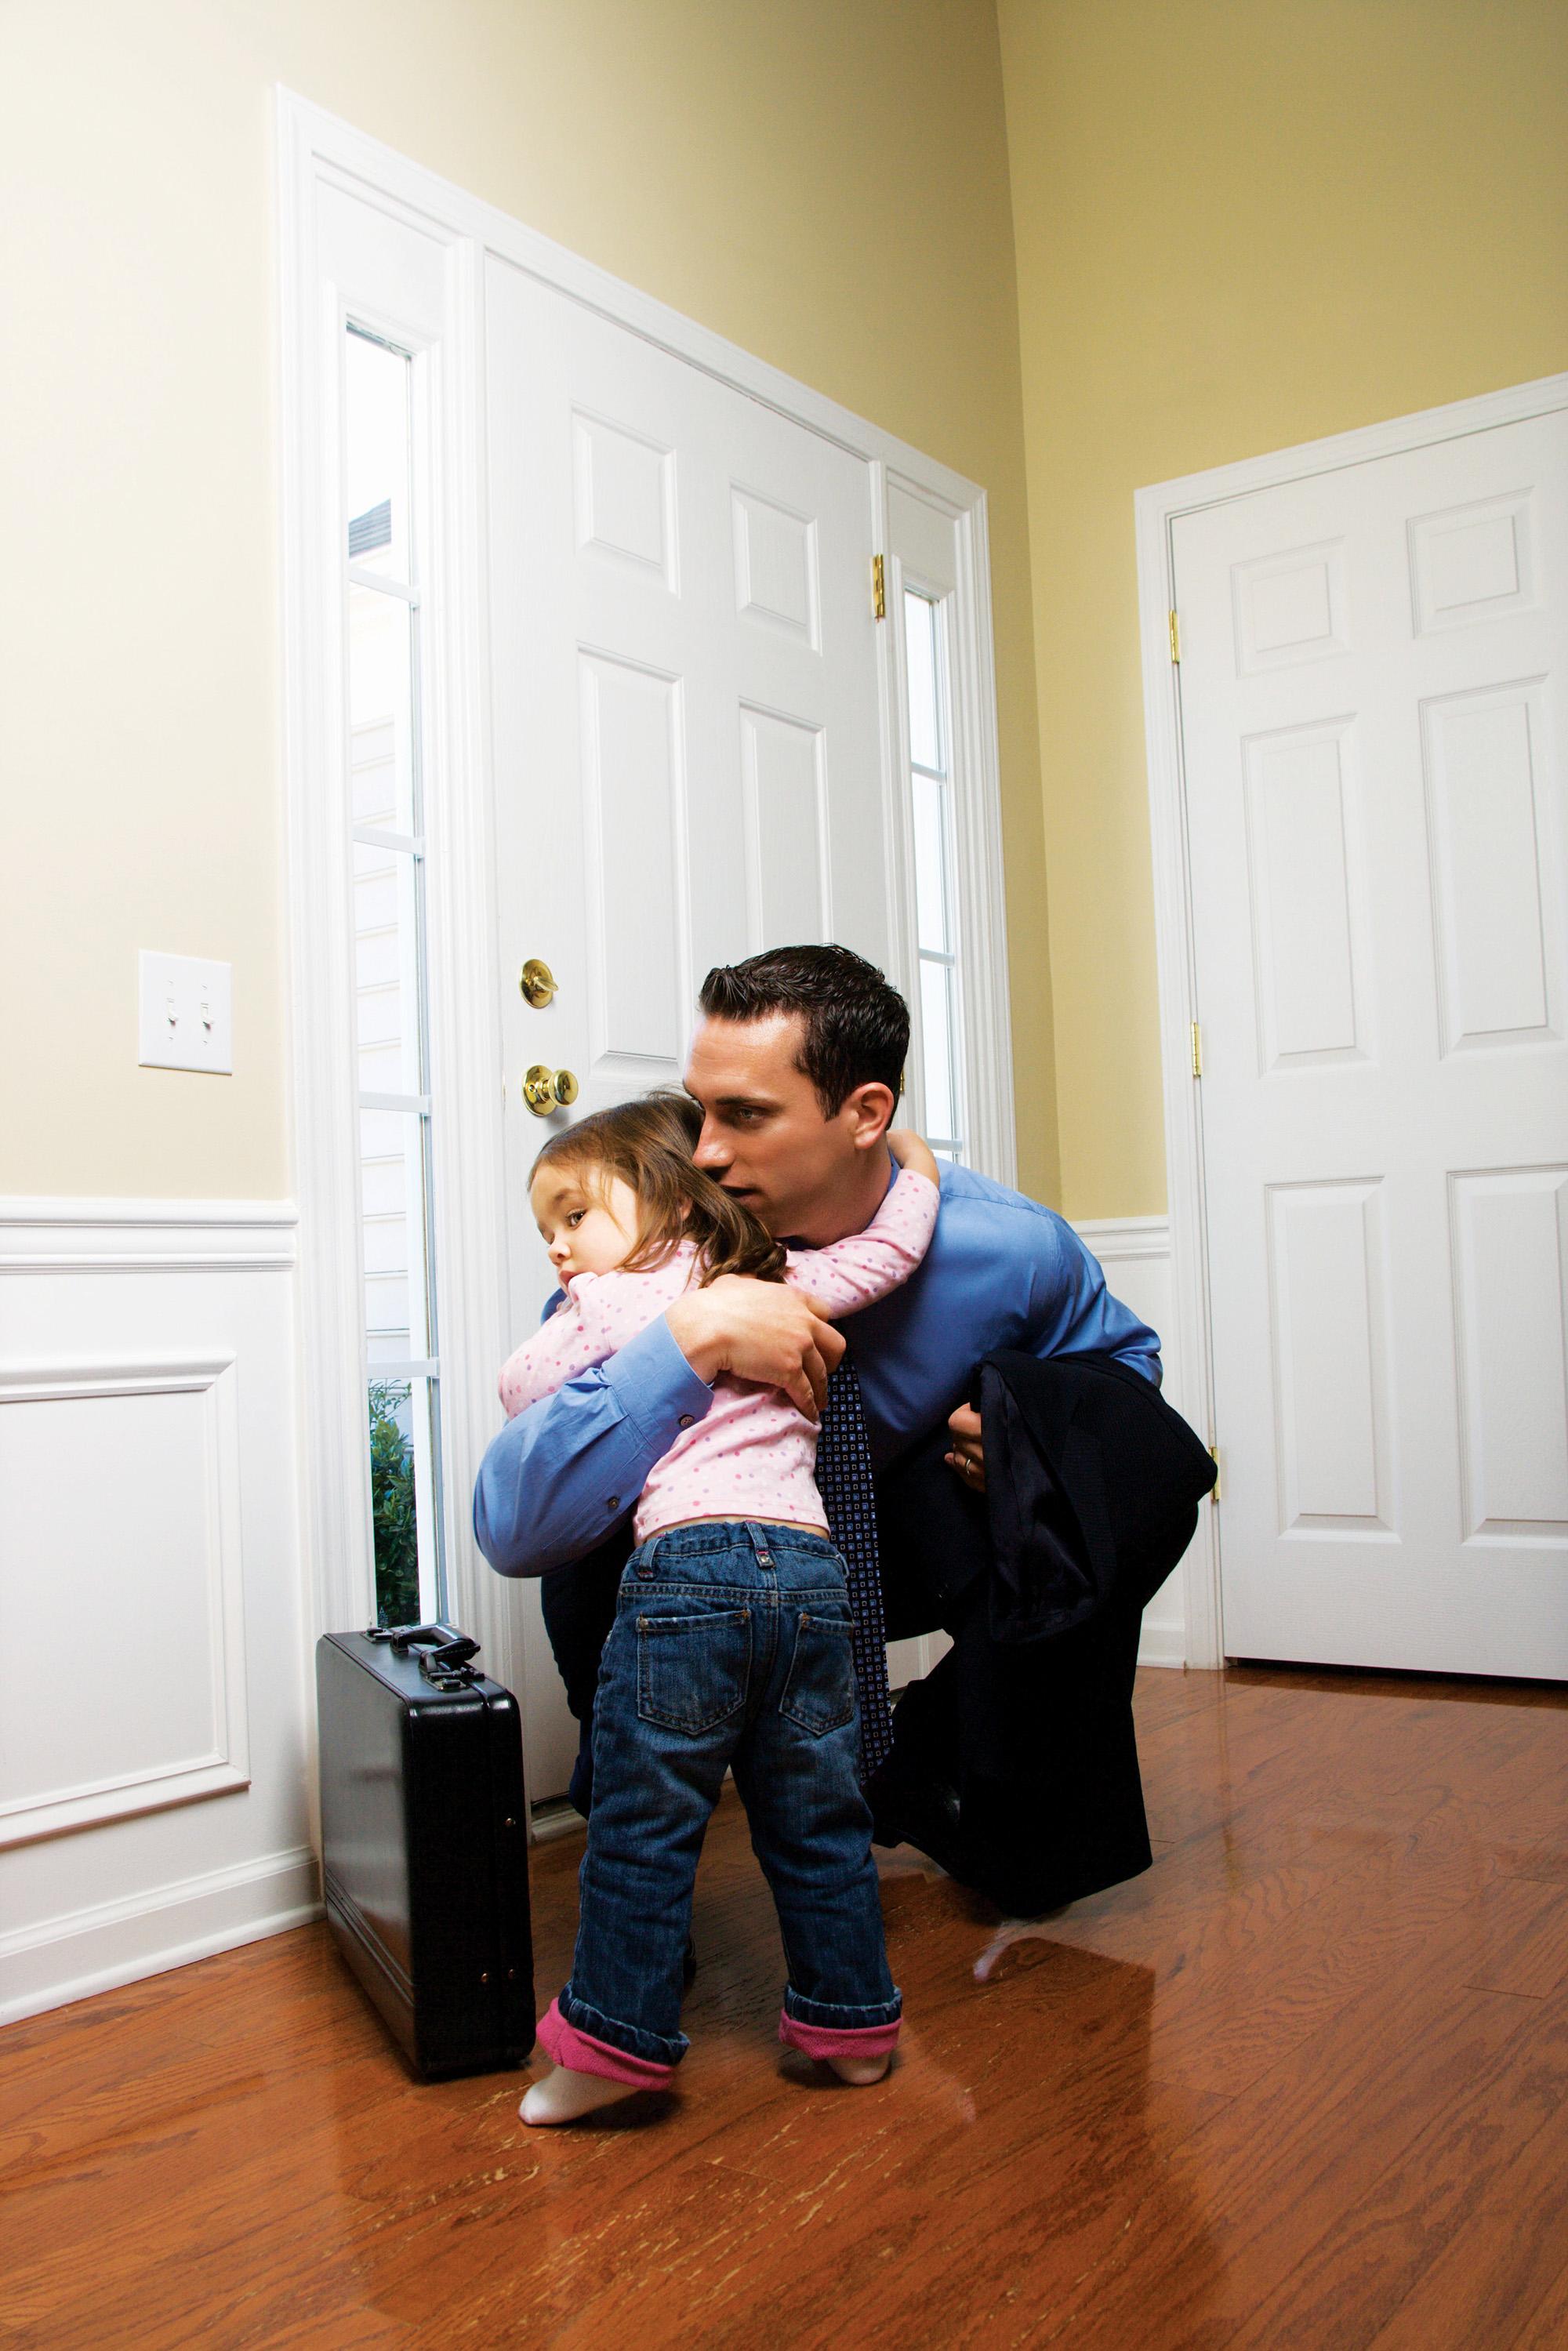 Apa és kislánya